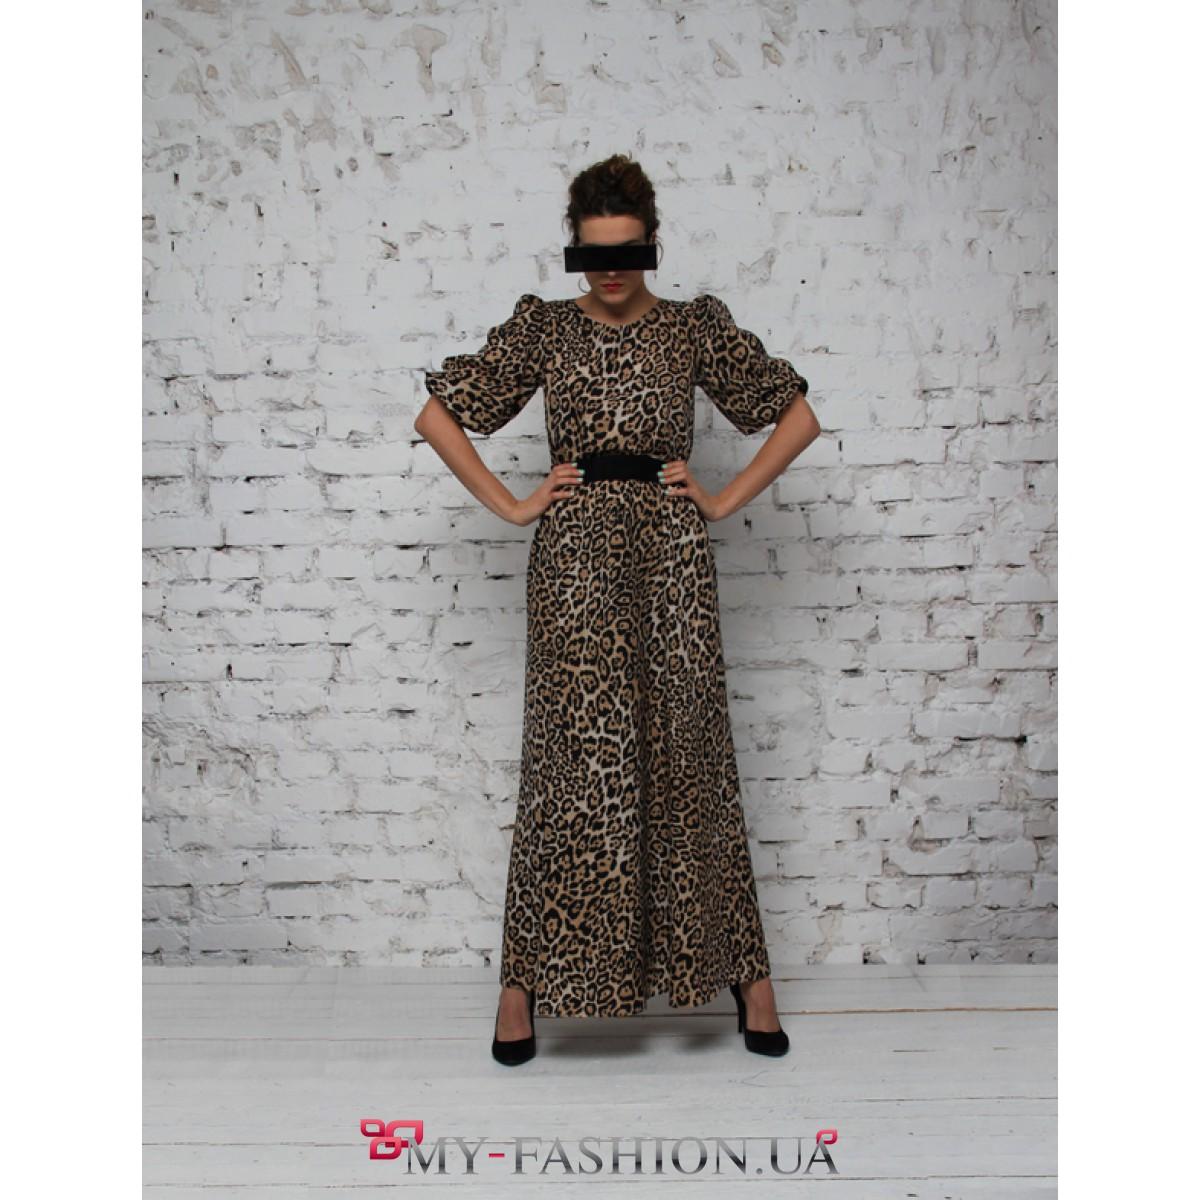 Леопардовое Платье Длинное Купить В